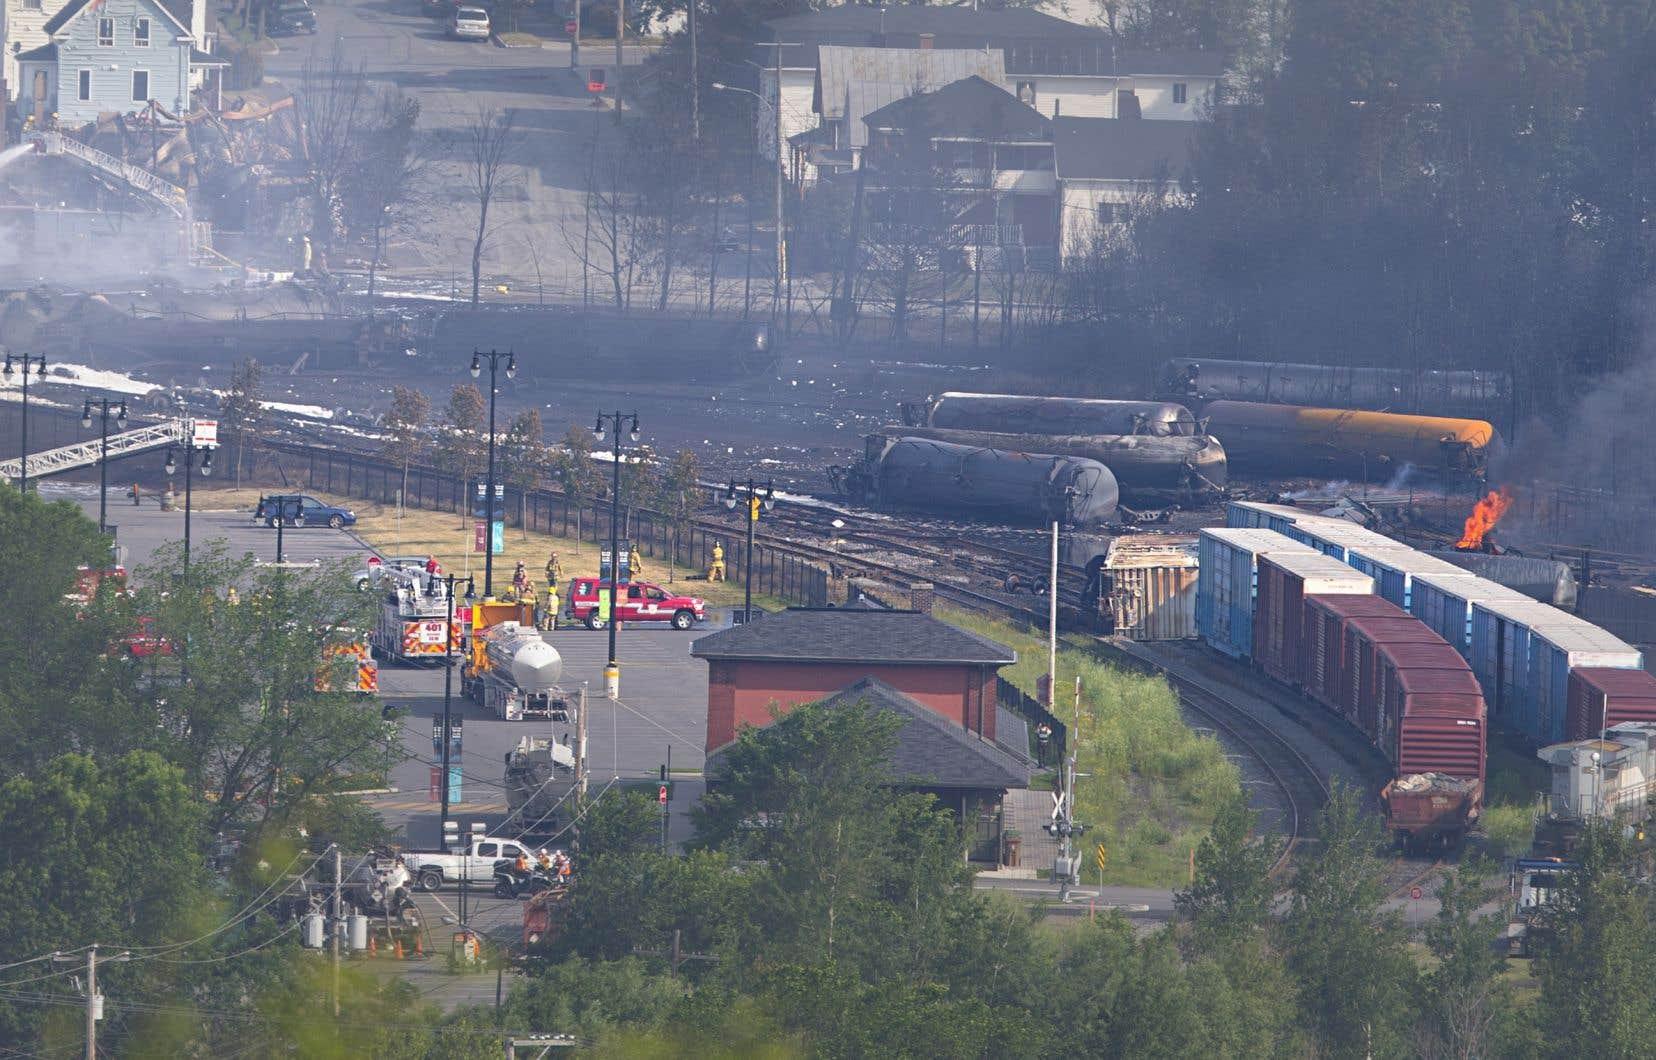 La voie de contournement qui permettra que les convois ferroviaires ne traversent plus le centre-ville de Lac-Mégantic aura une longueur de 12,4km.